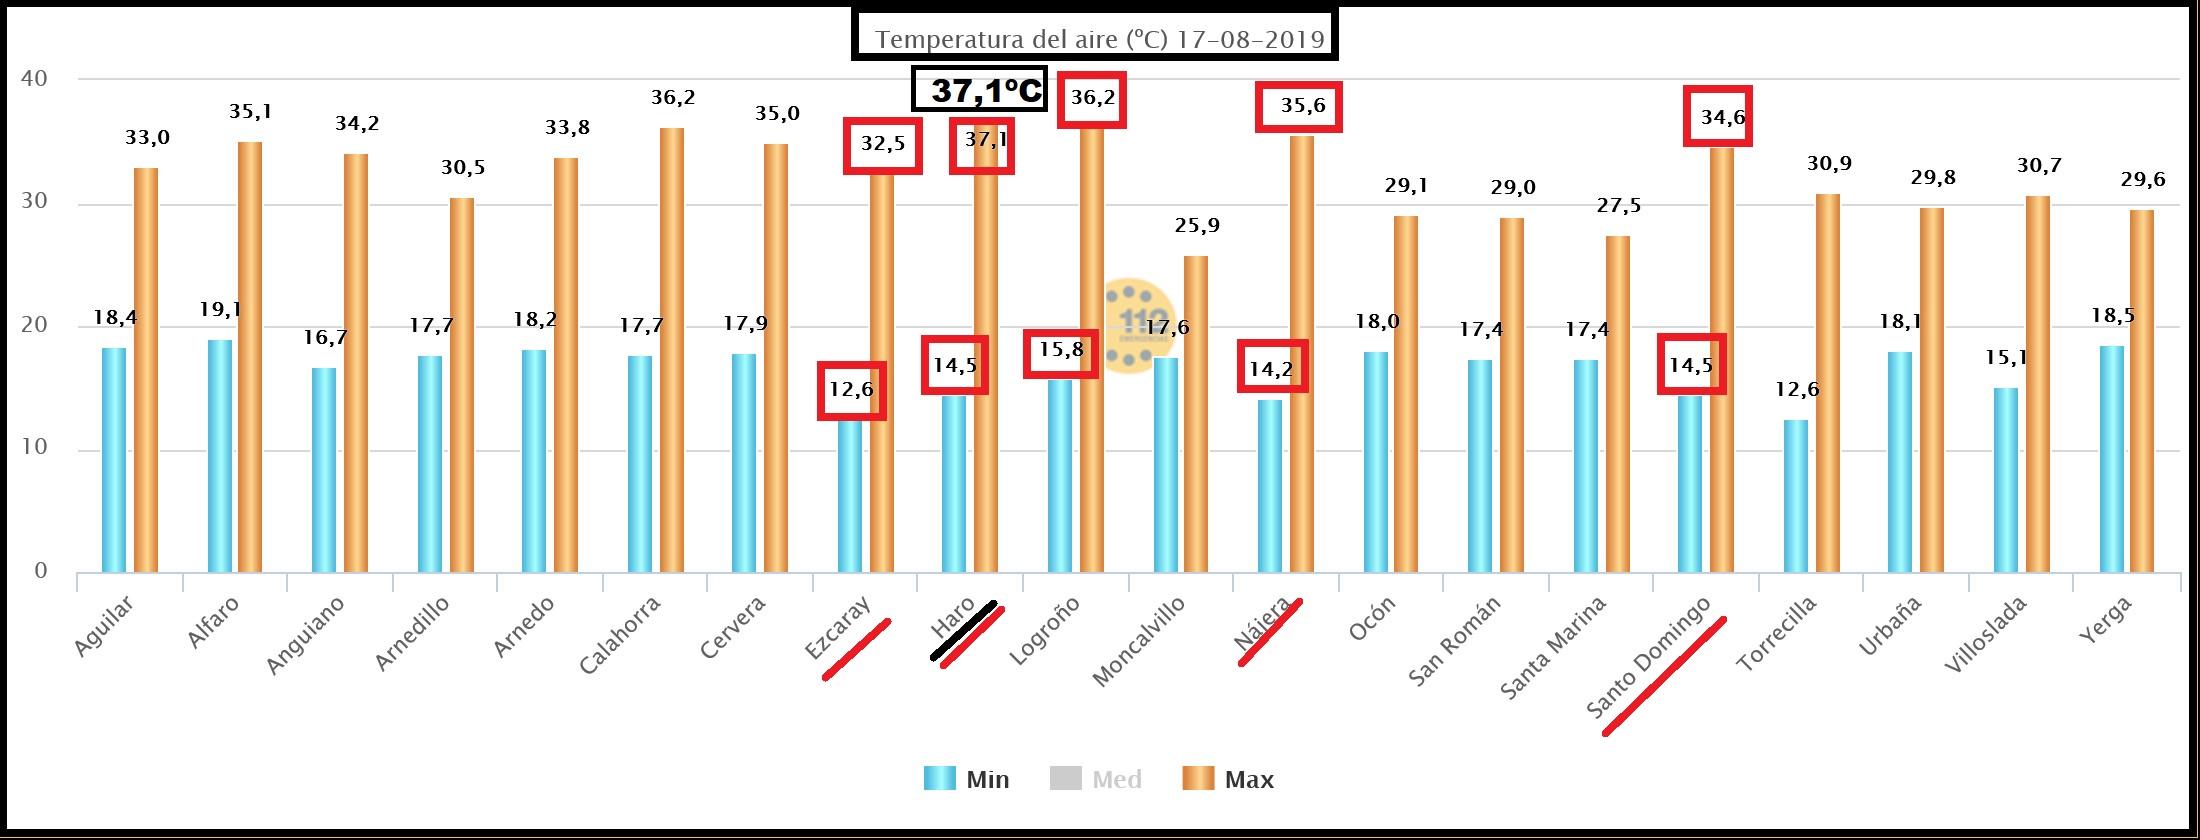 Datos temperaturas estaciones SOS Rioja. Meteosojuela